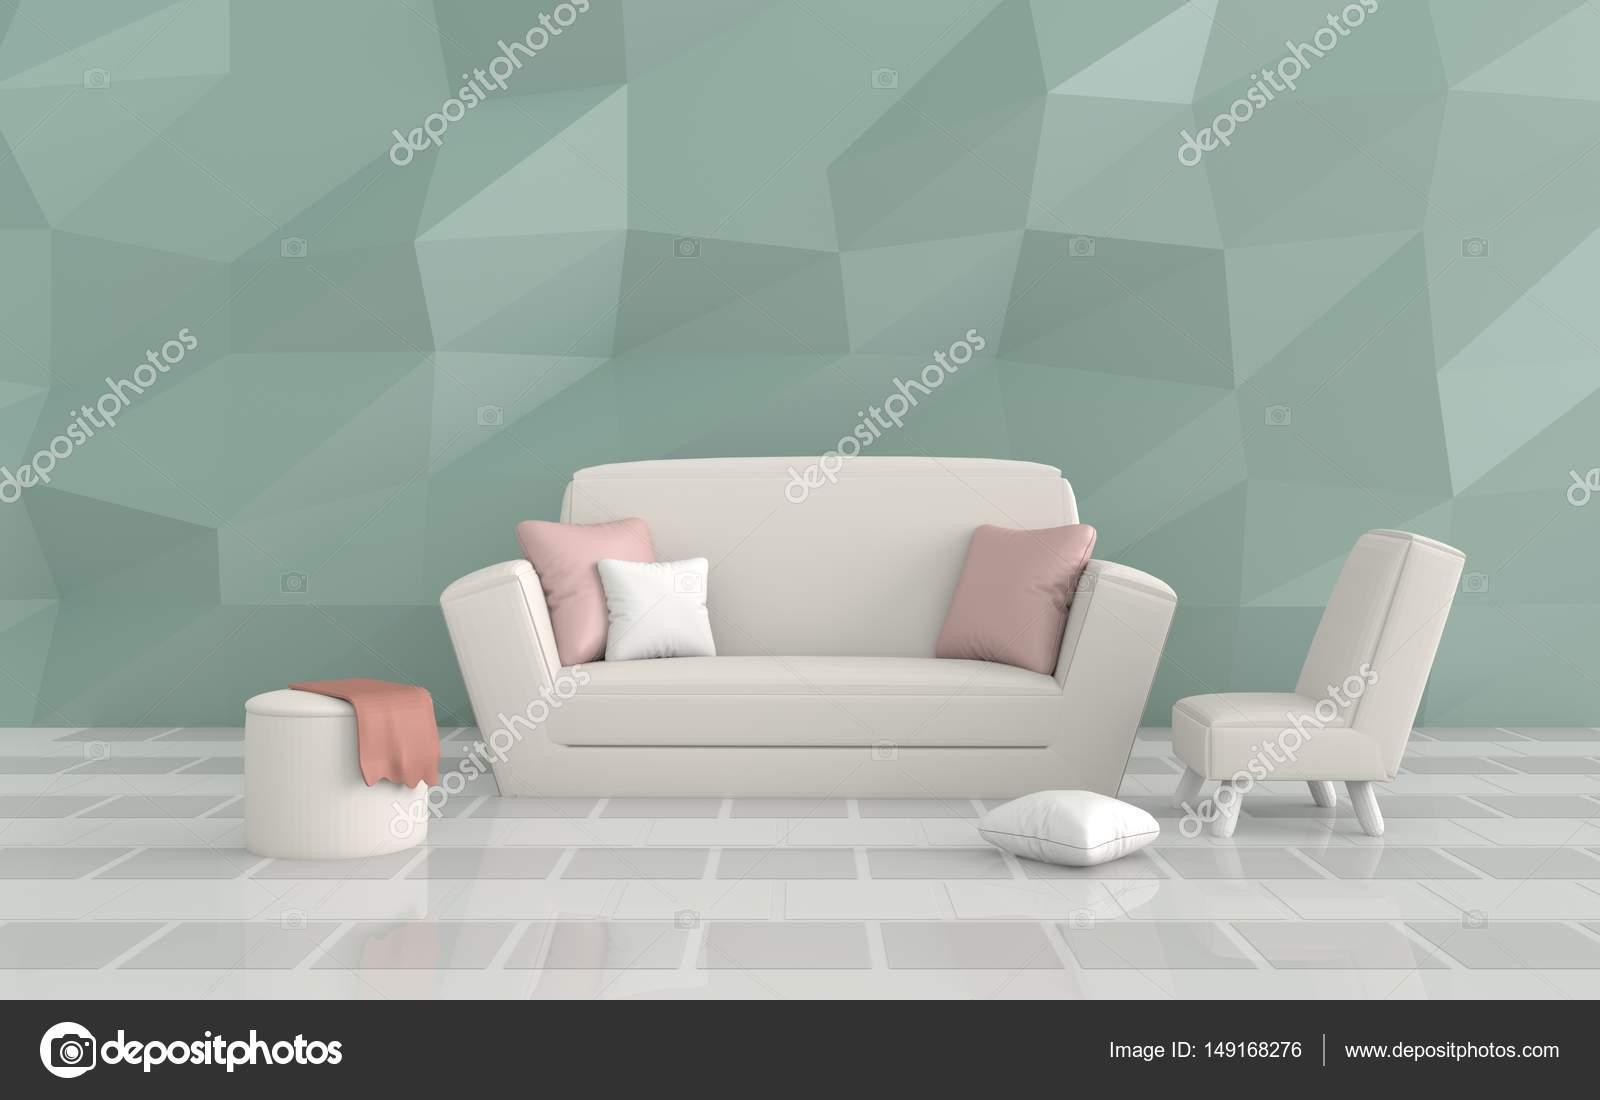 Il soggiorno è arredato cuscini divano sedia parete verde